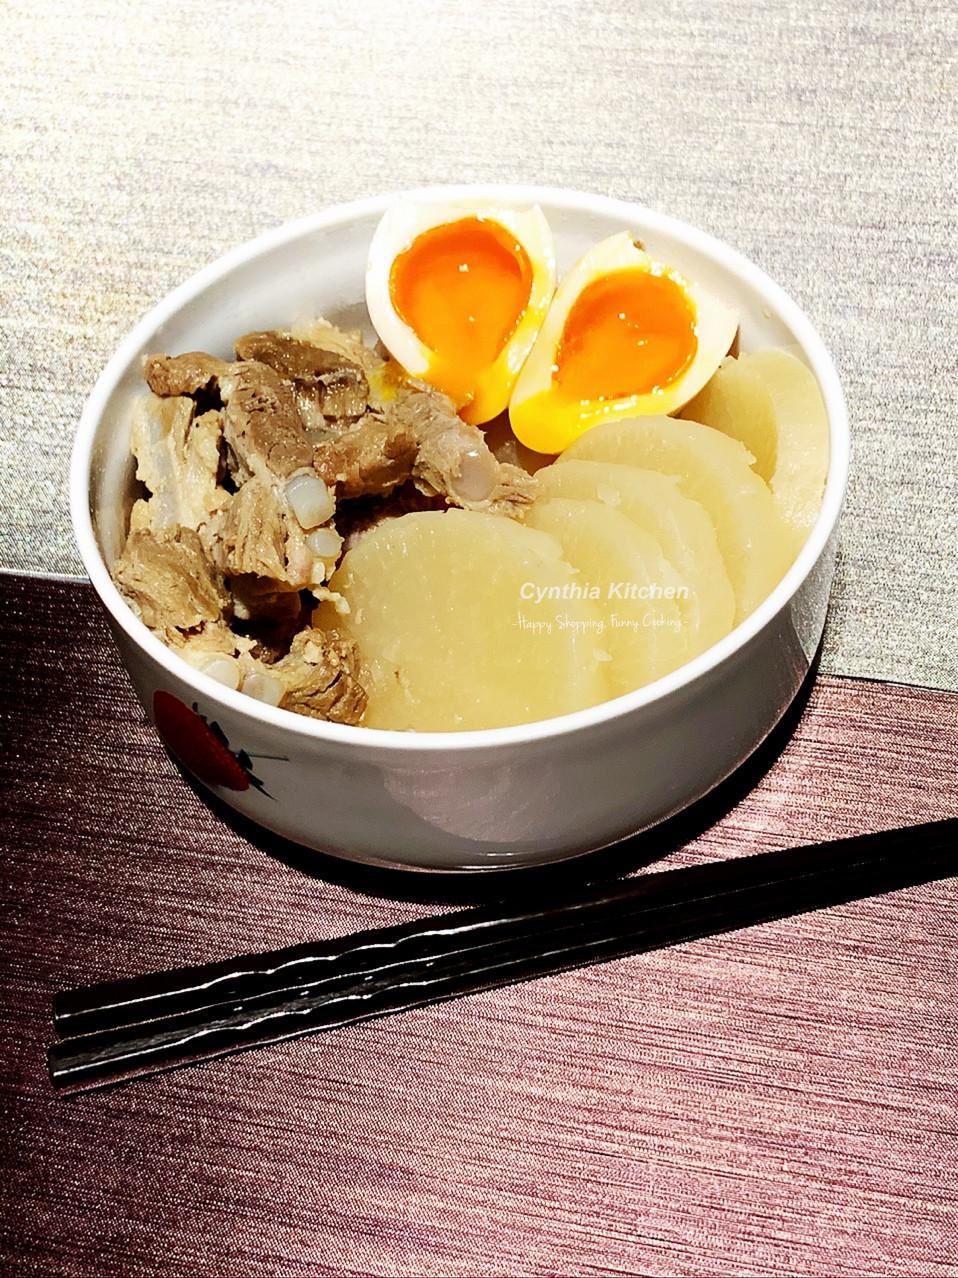 日式高湯燉煮蘿蔔豬軟骨